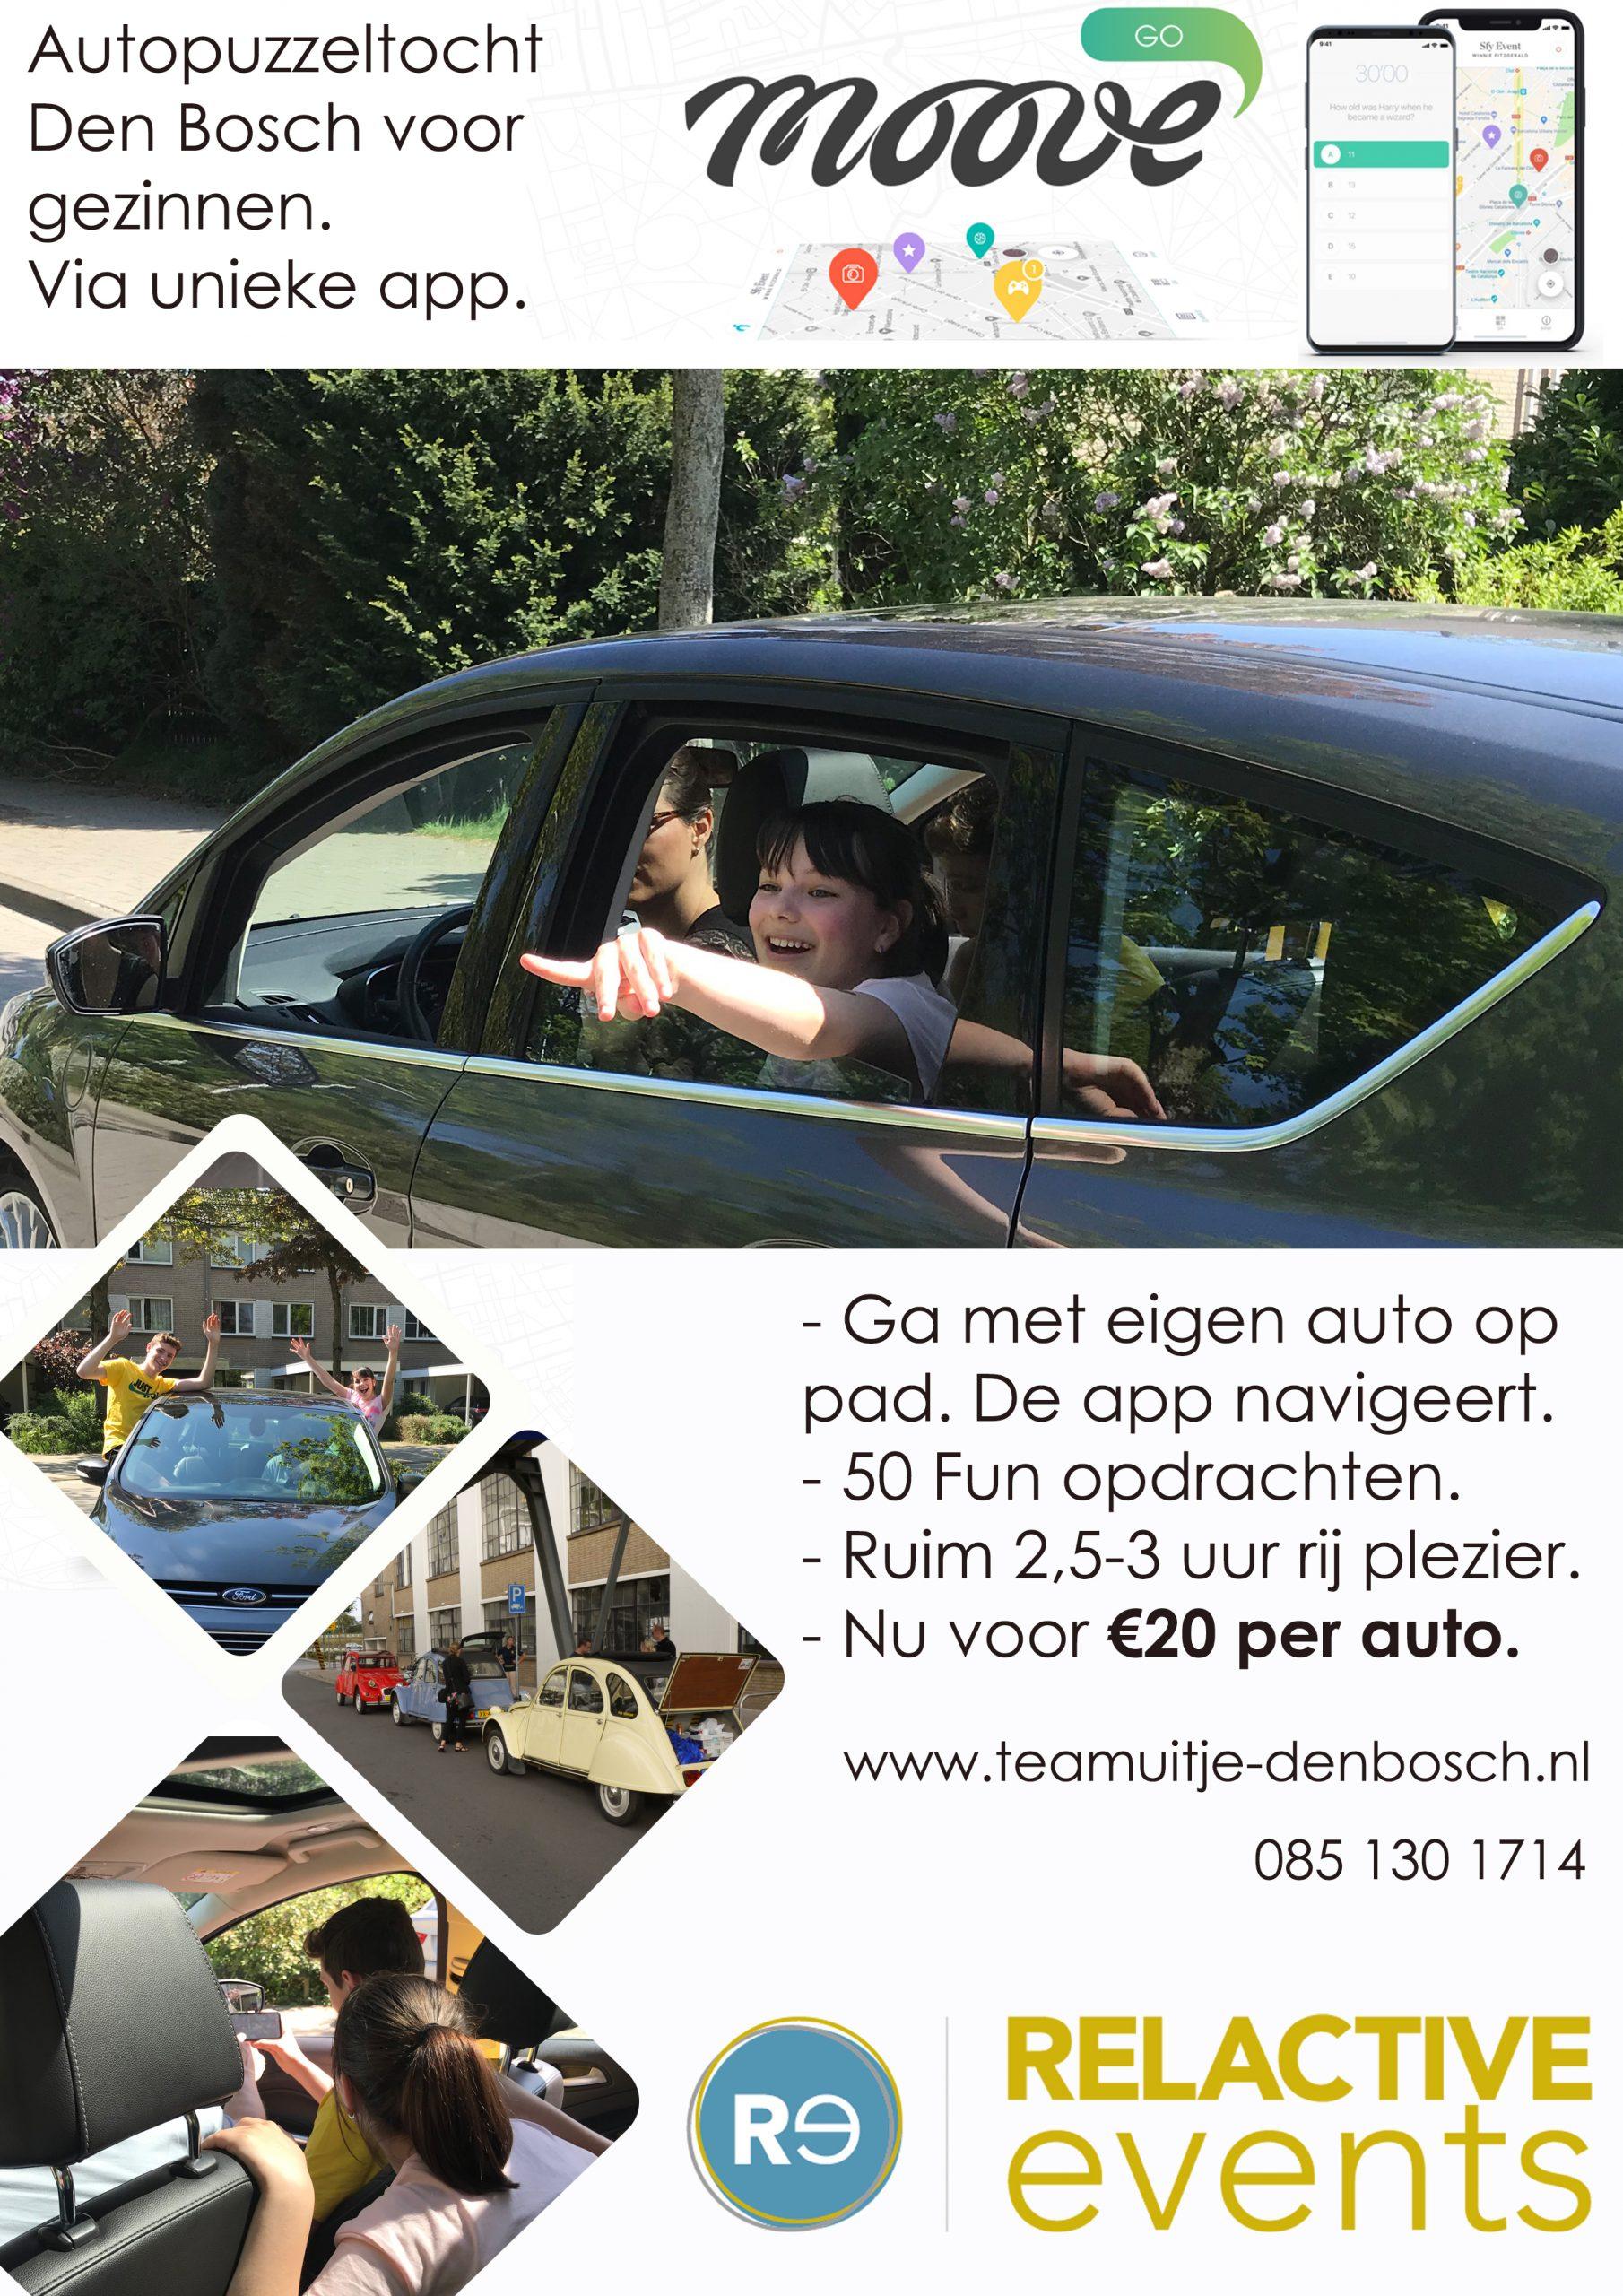 autopuzzeltocht-denbosch